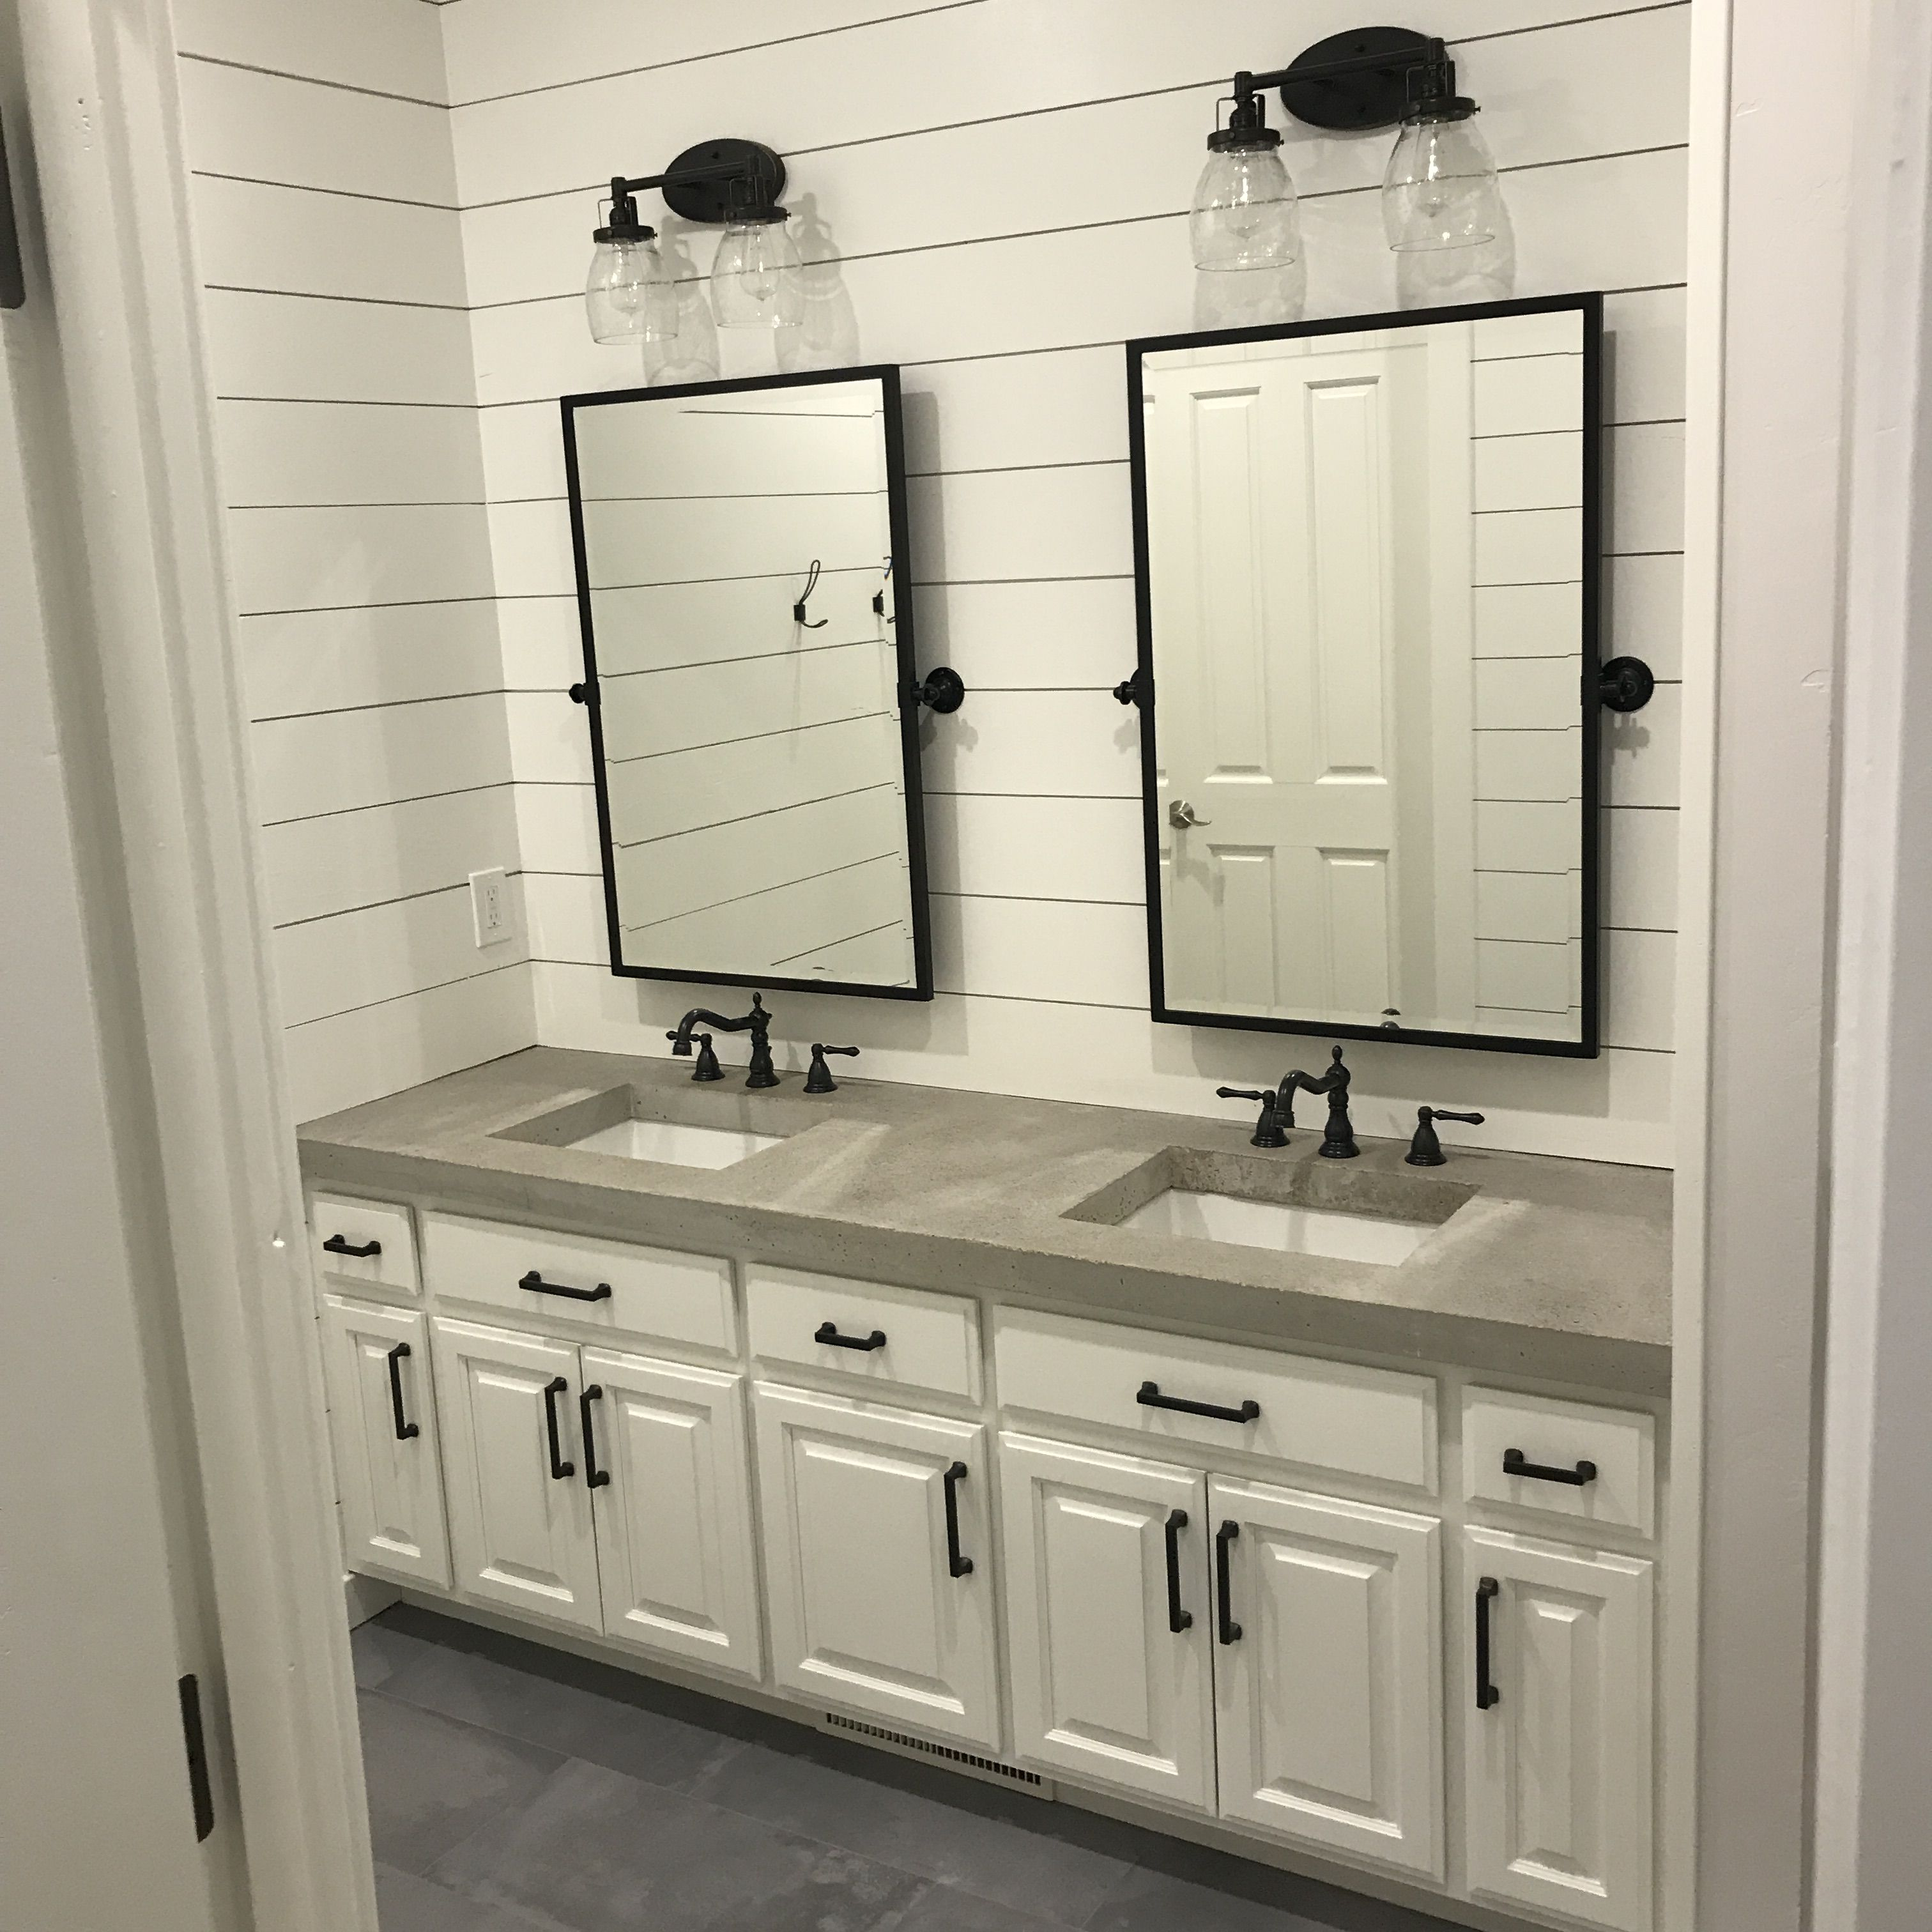 Diy Grey Concrete Vanity Top Bathroom Countertops Diy Concrete